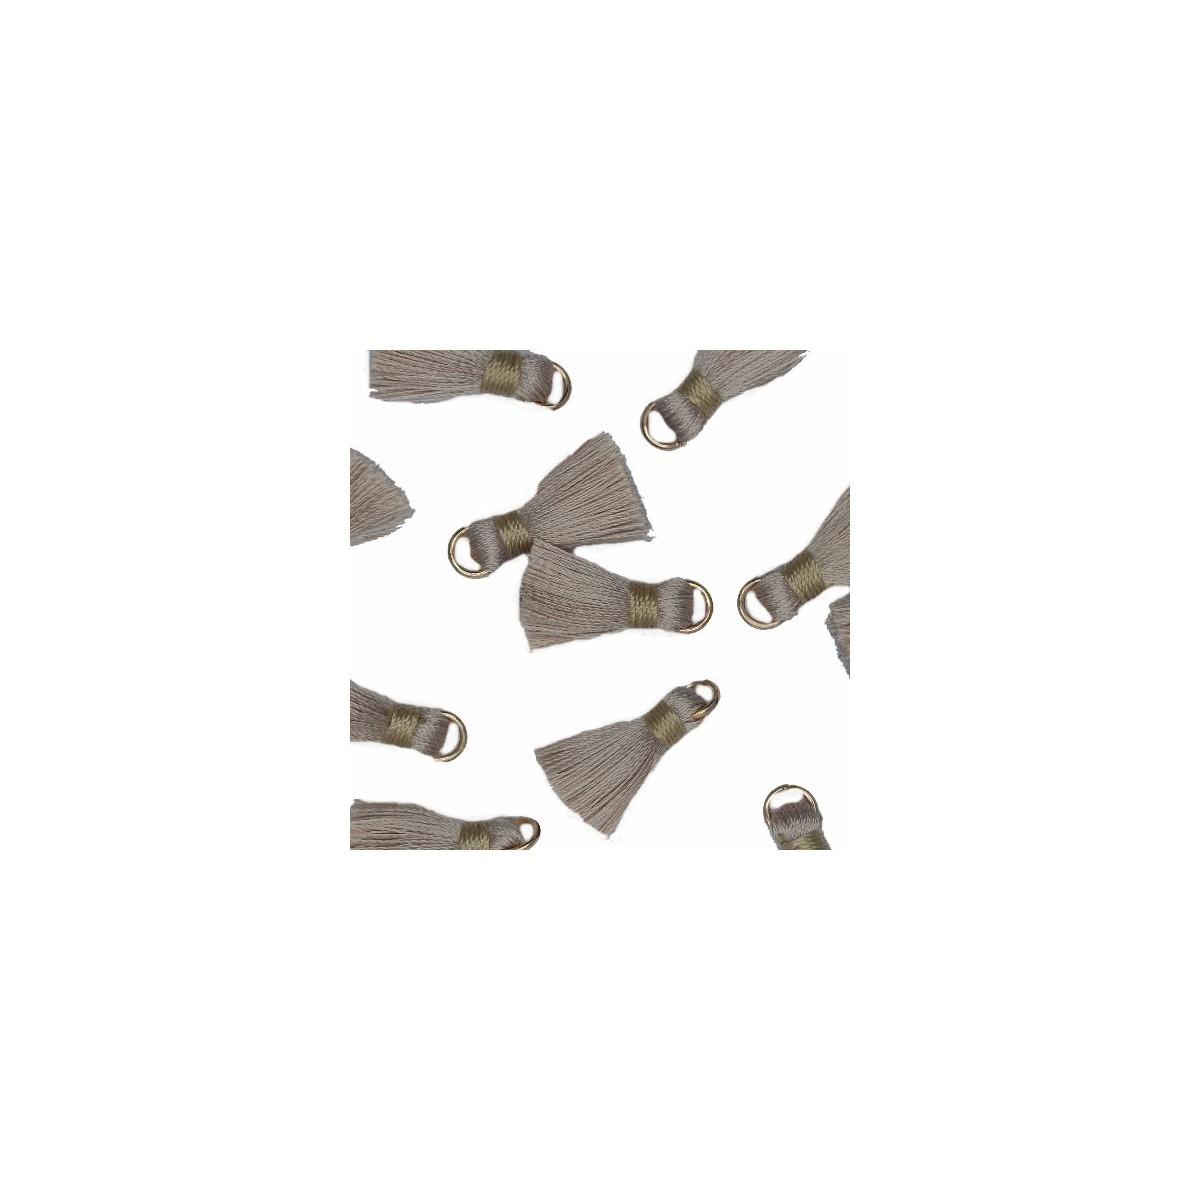 Nappina grigio seta 18 mm White 5pz